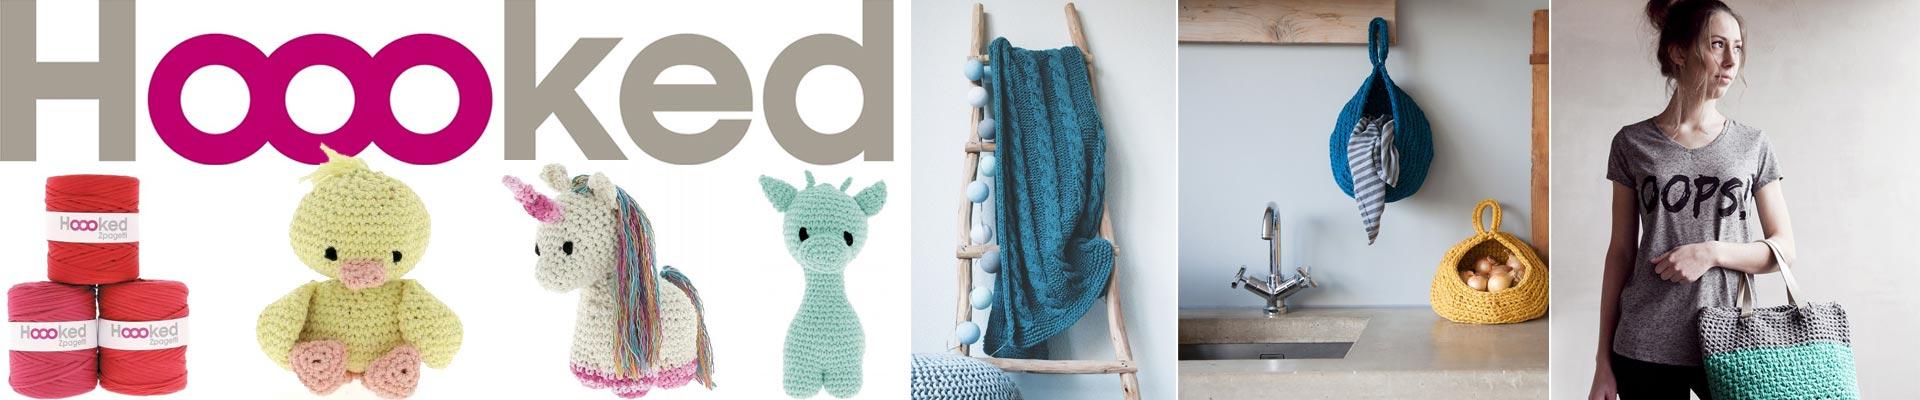 Hoooked Knit Kits